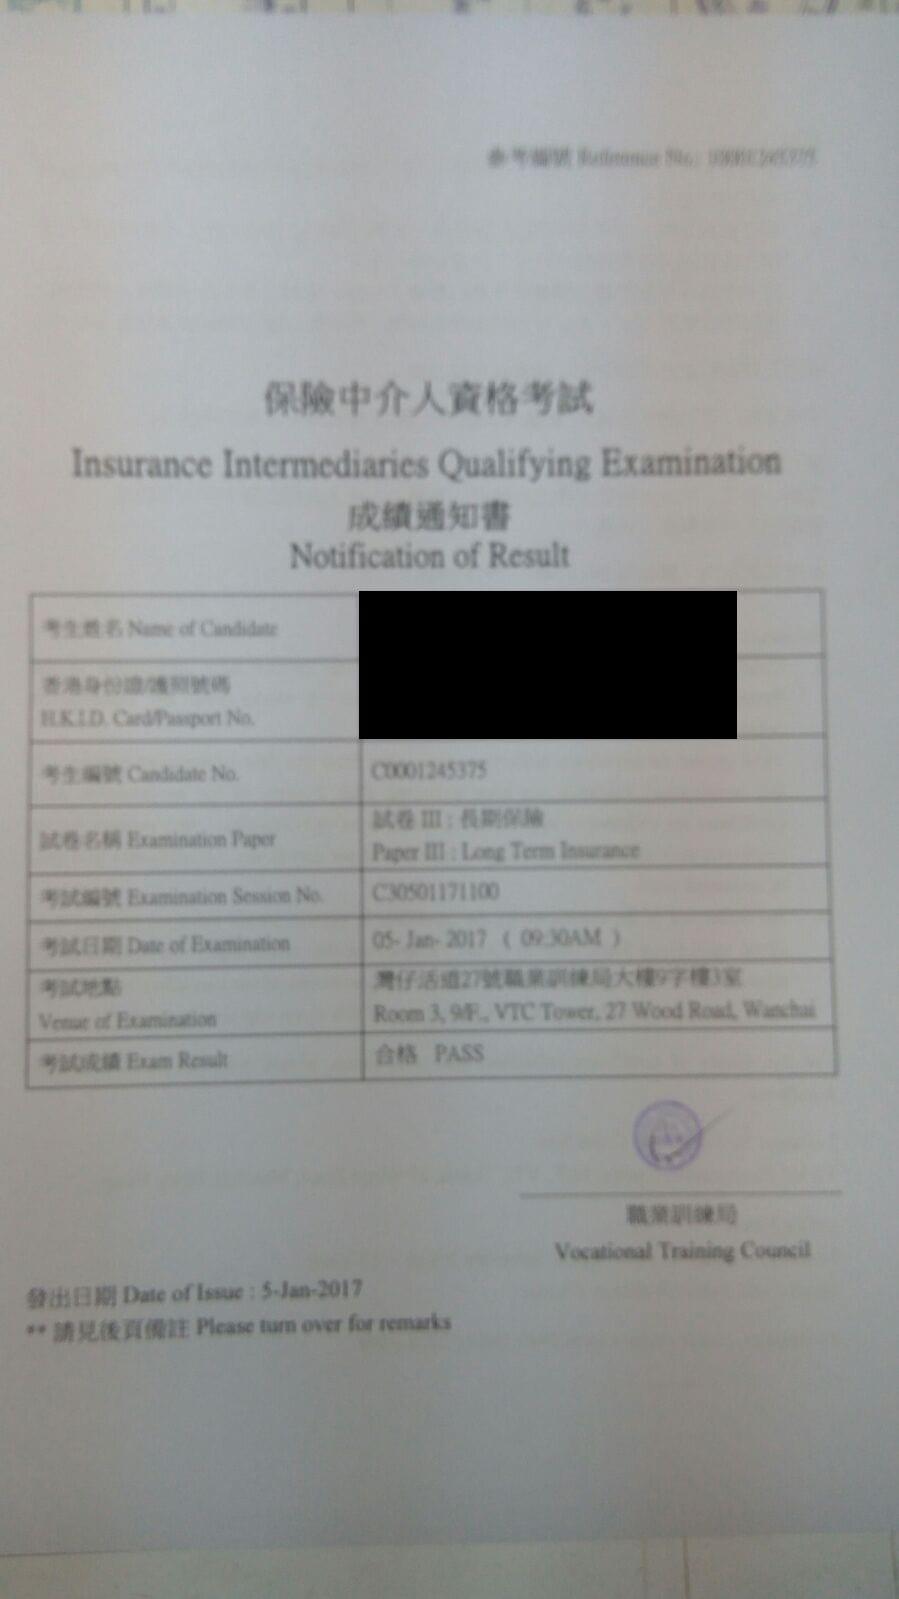 WWL 5/1/2017 IIQE Paper 3 保險中介人資格考試卷三 Pass